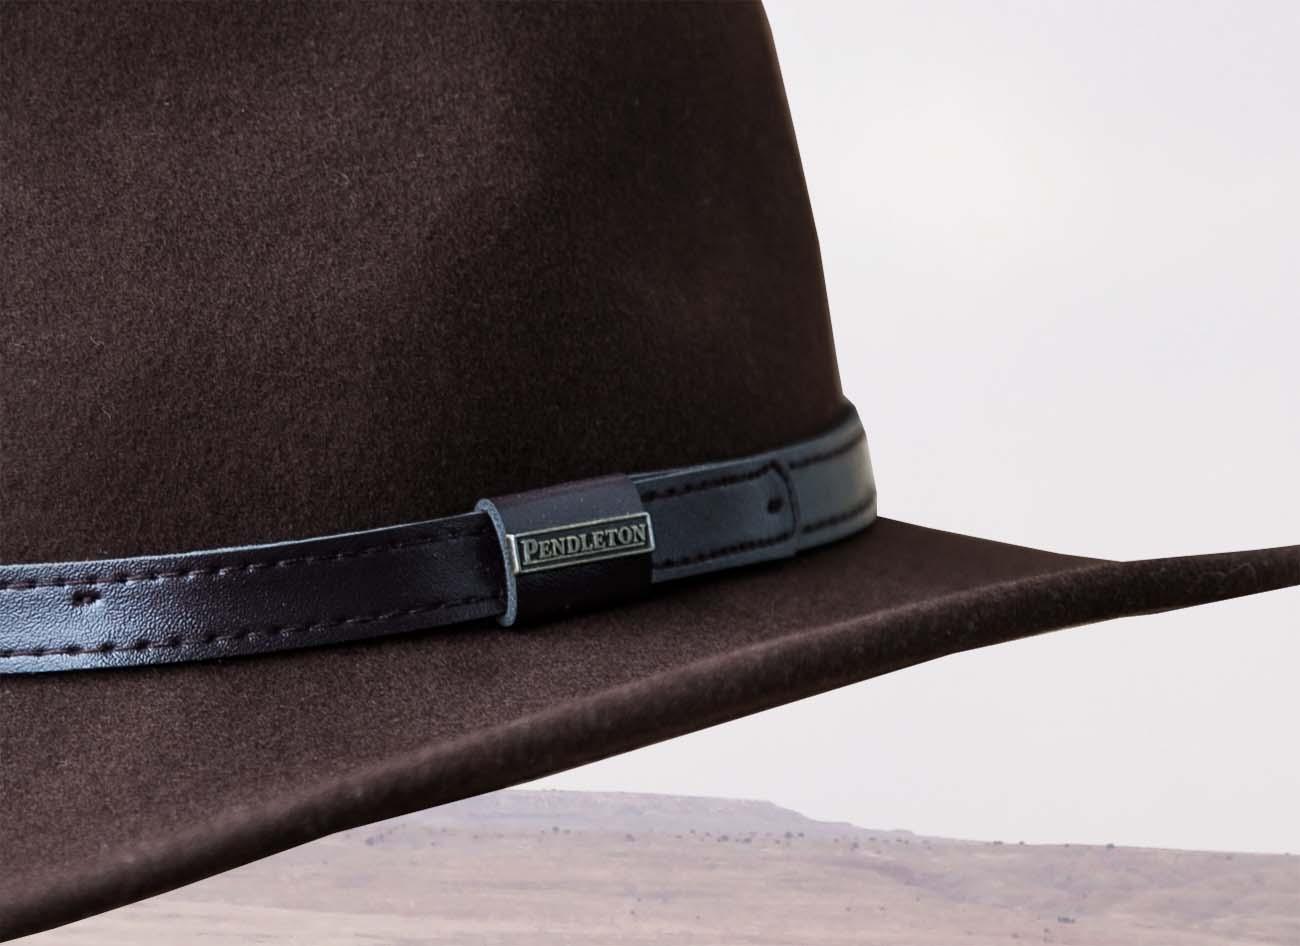 画像2: ペンドルトン アウトバック ハット(ブラウン)/Pendleton Outback Hat(Fall Brown)